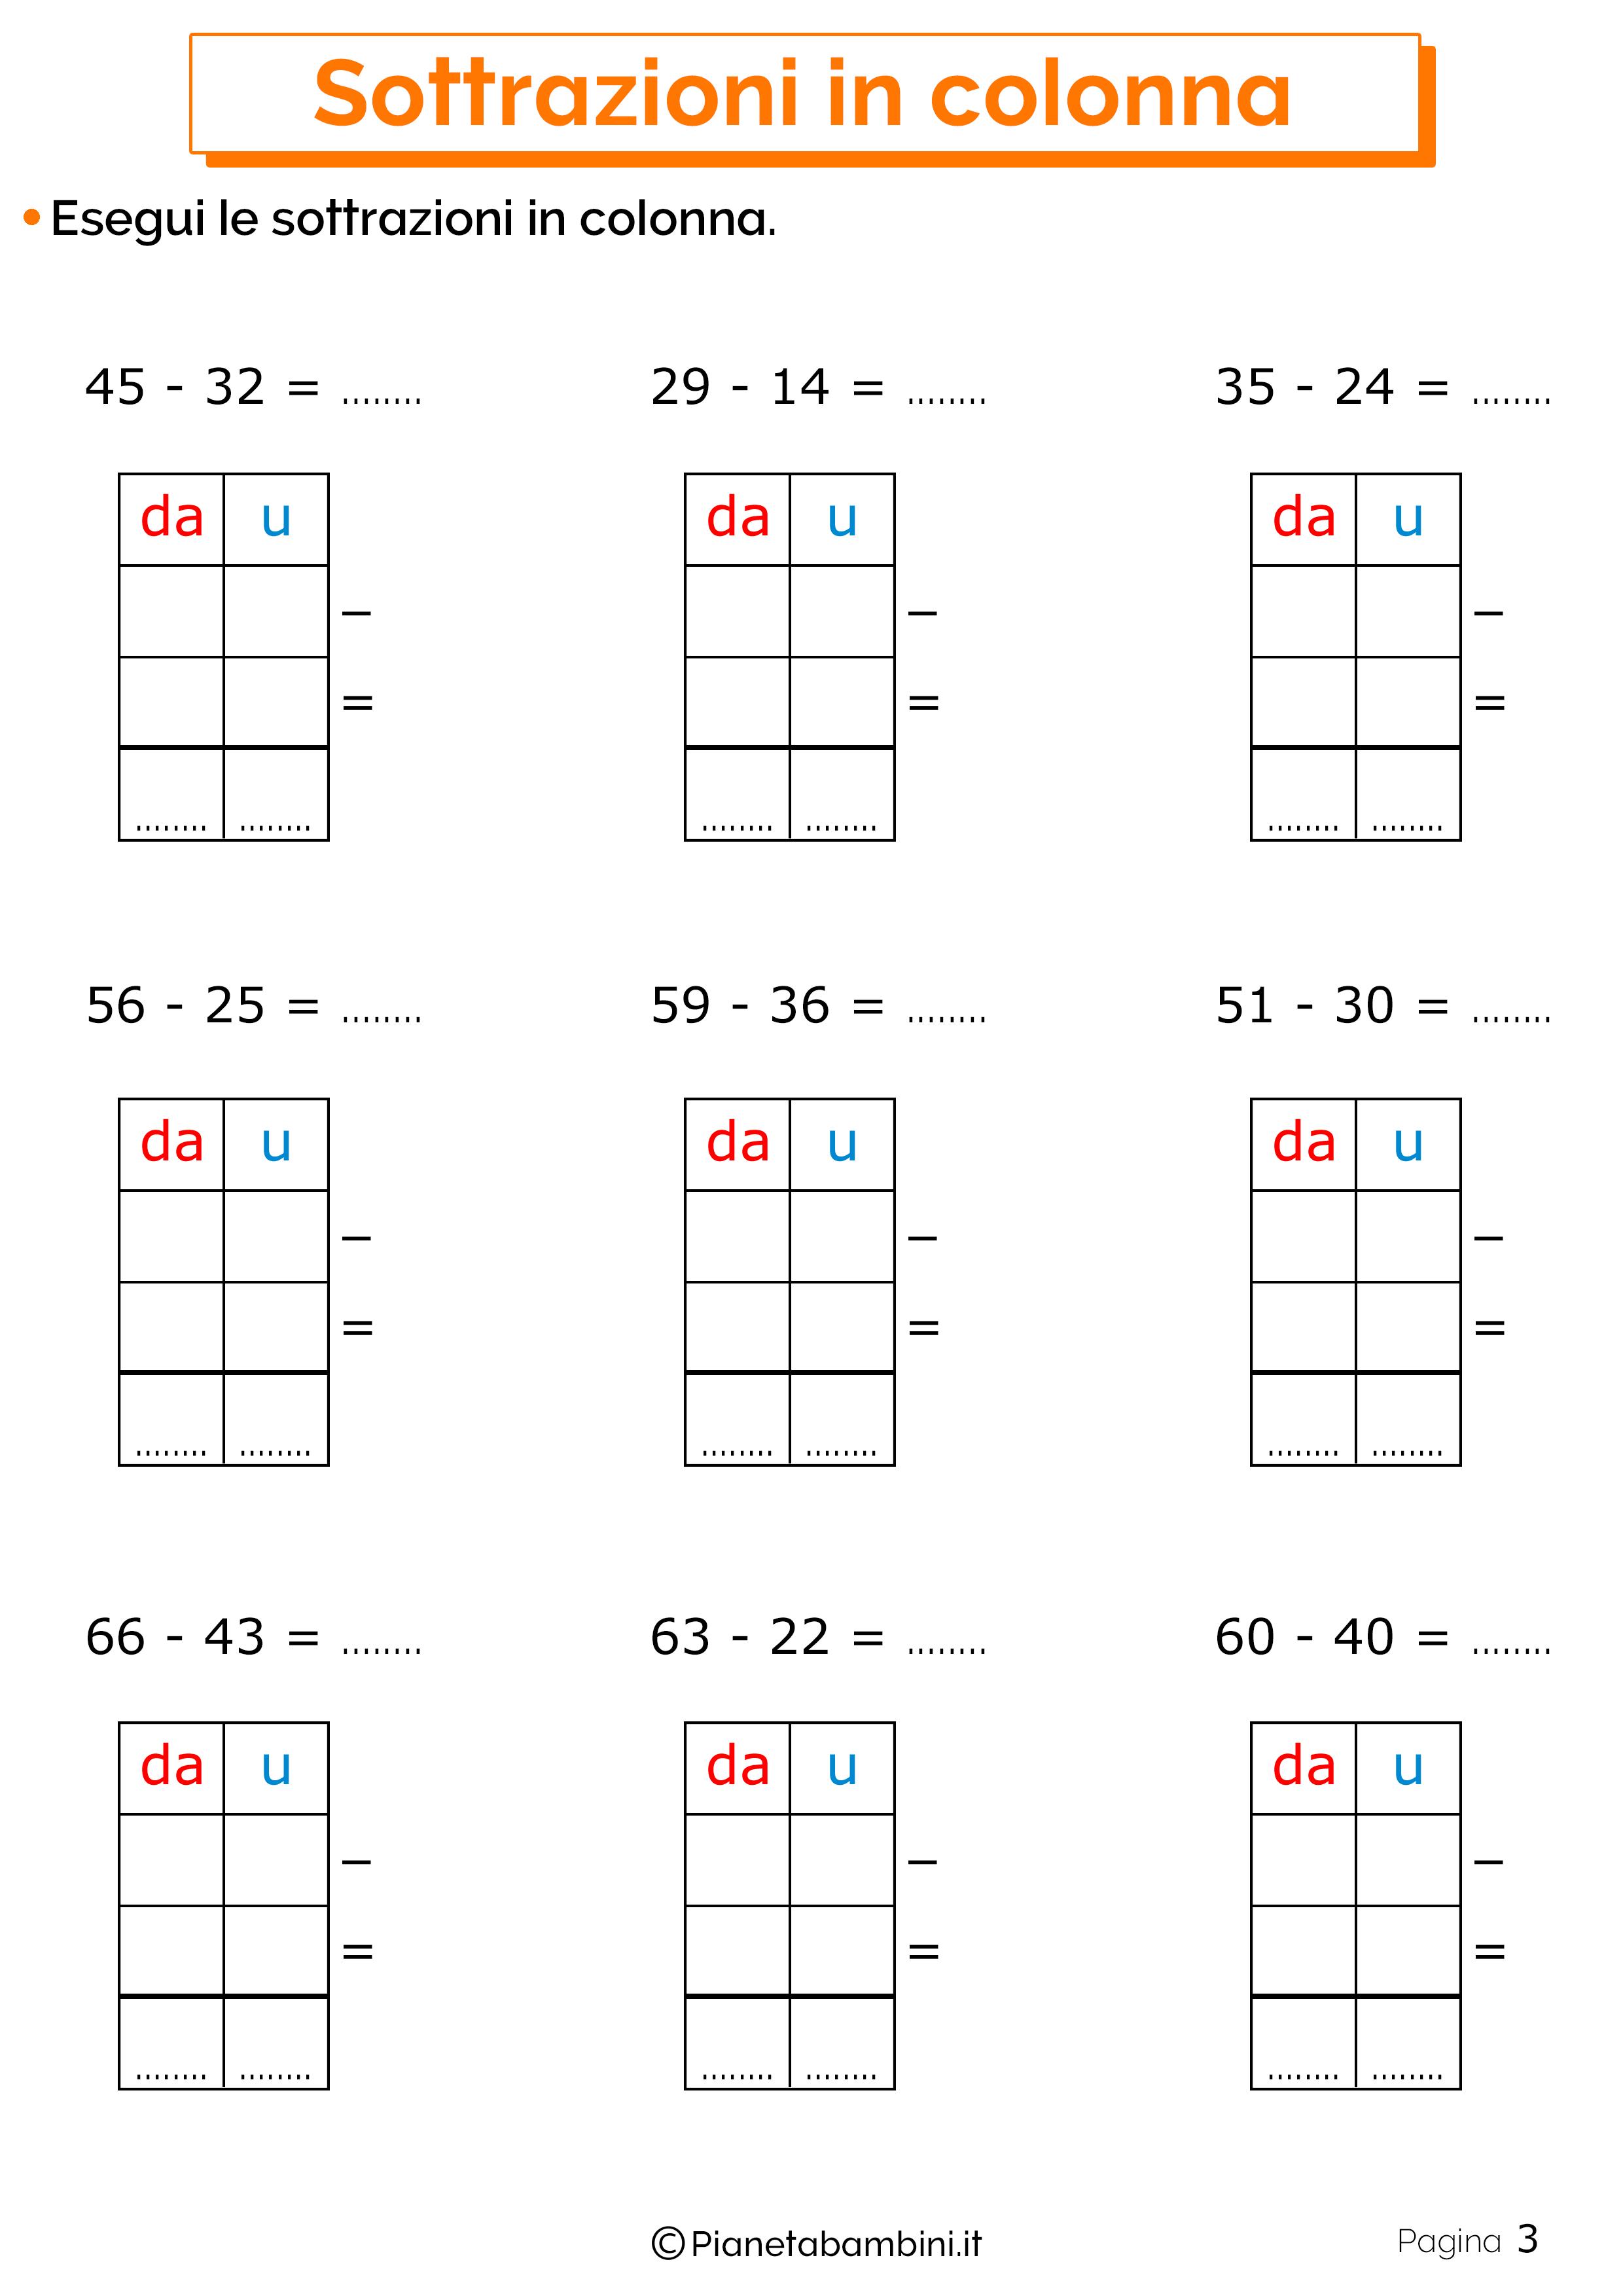 Schede didattiche sulle sottrazioni in colonna 3